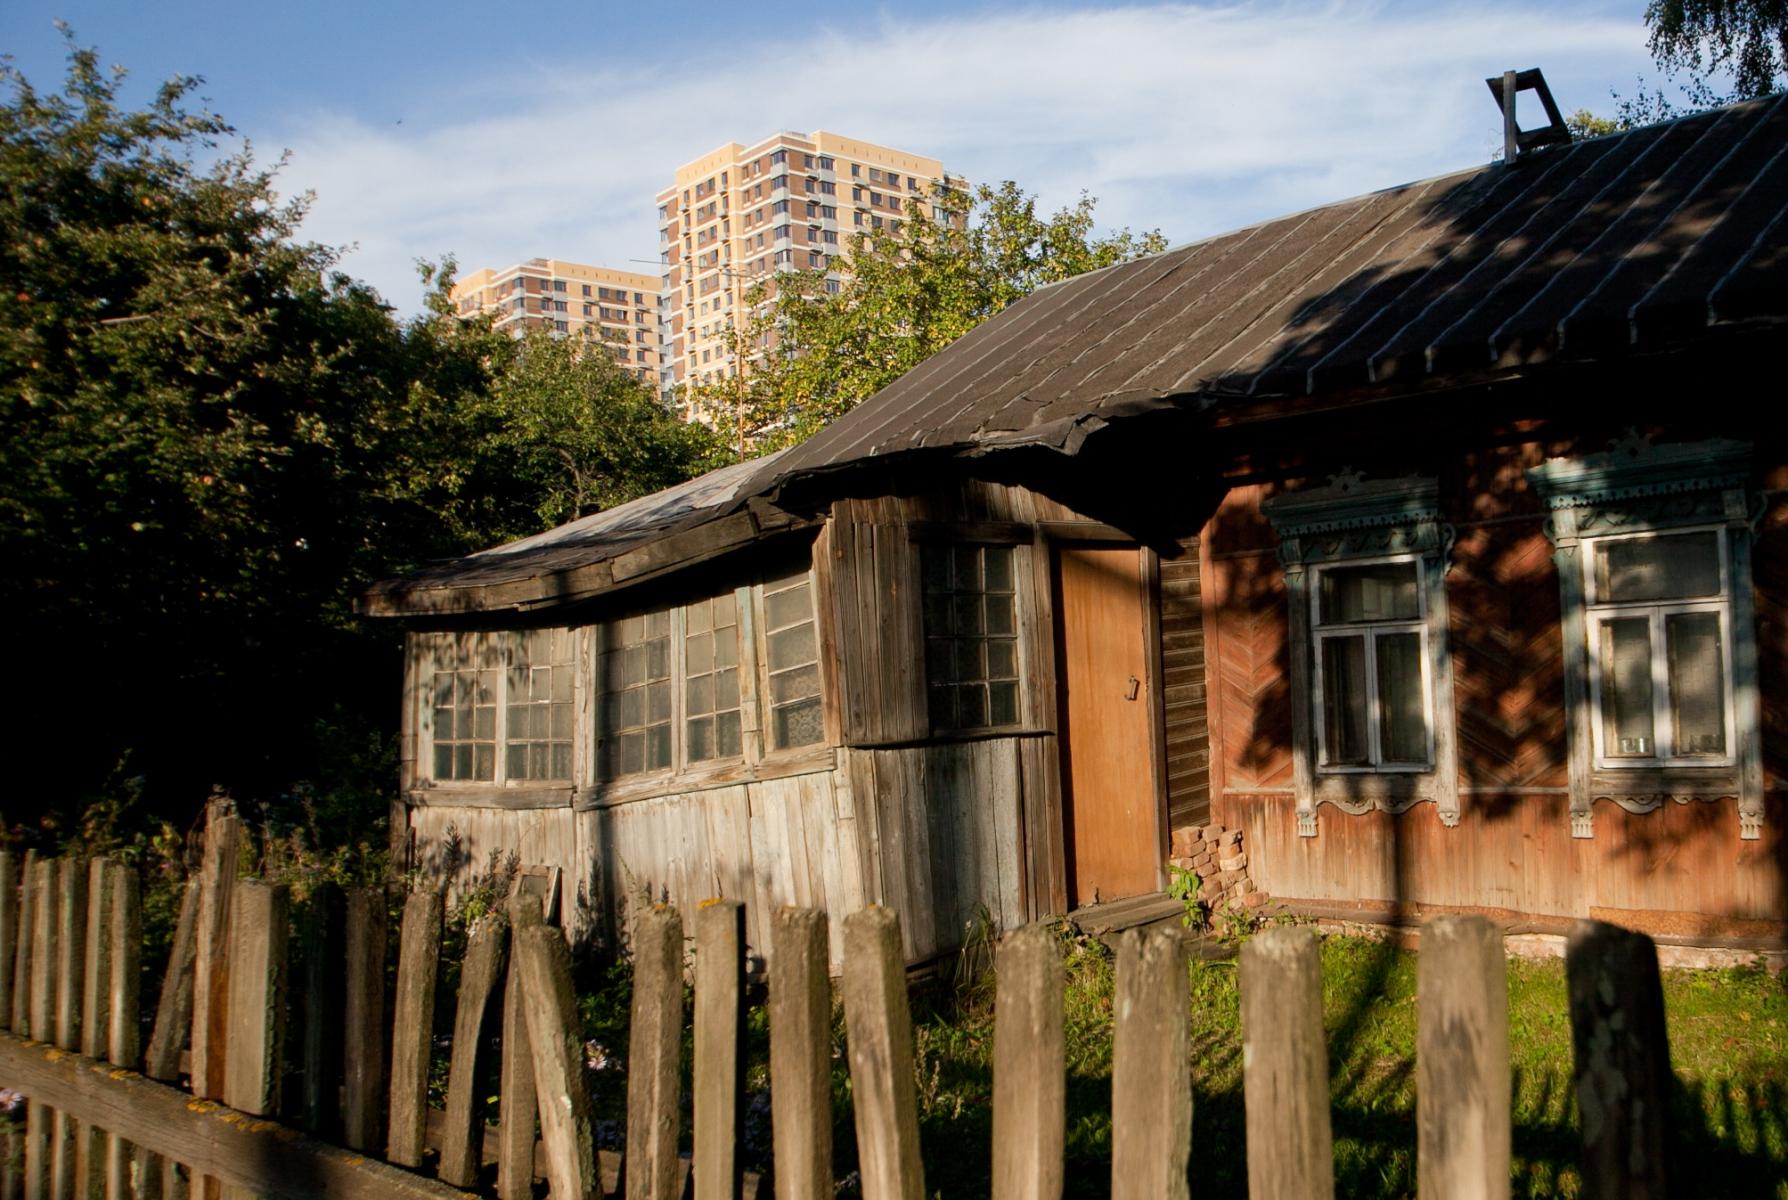 Где дешевая недвижимость дубай скайдайвинг